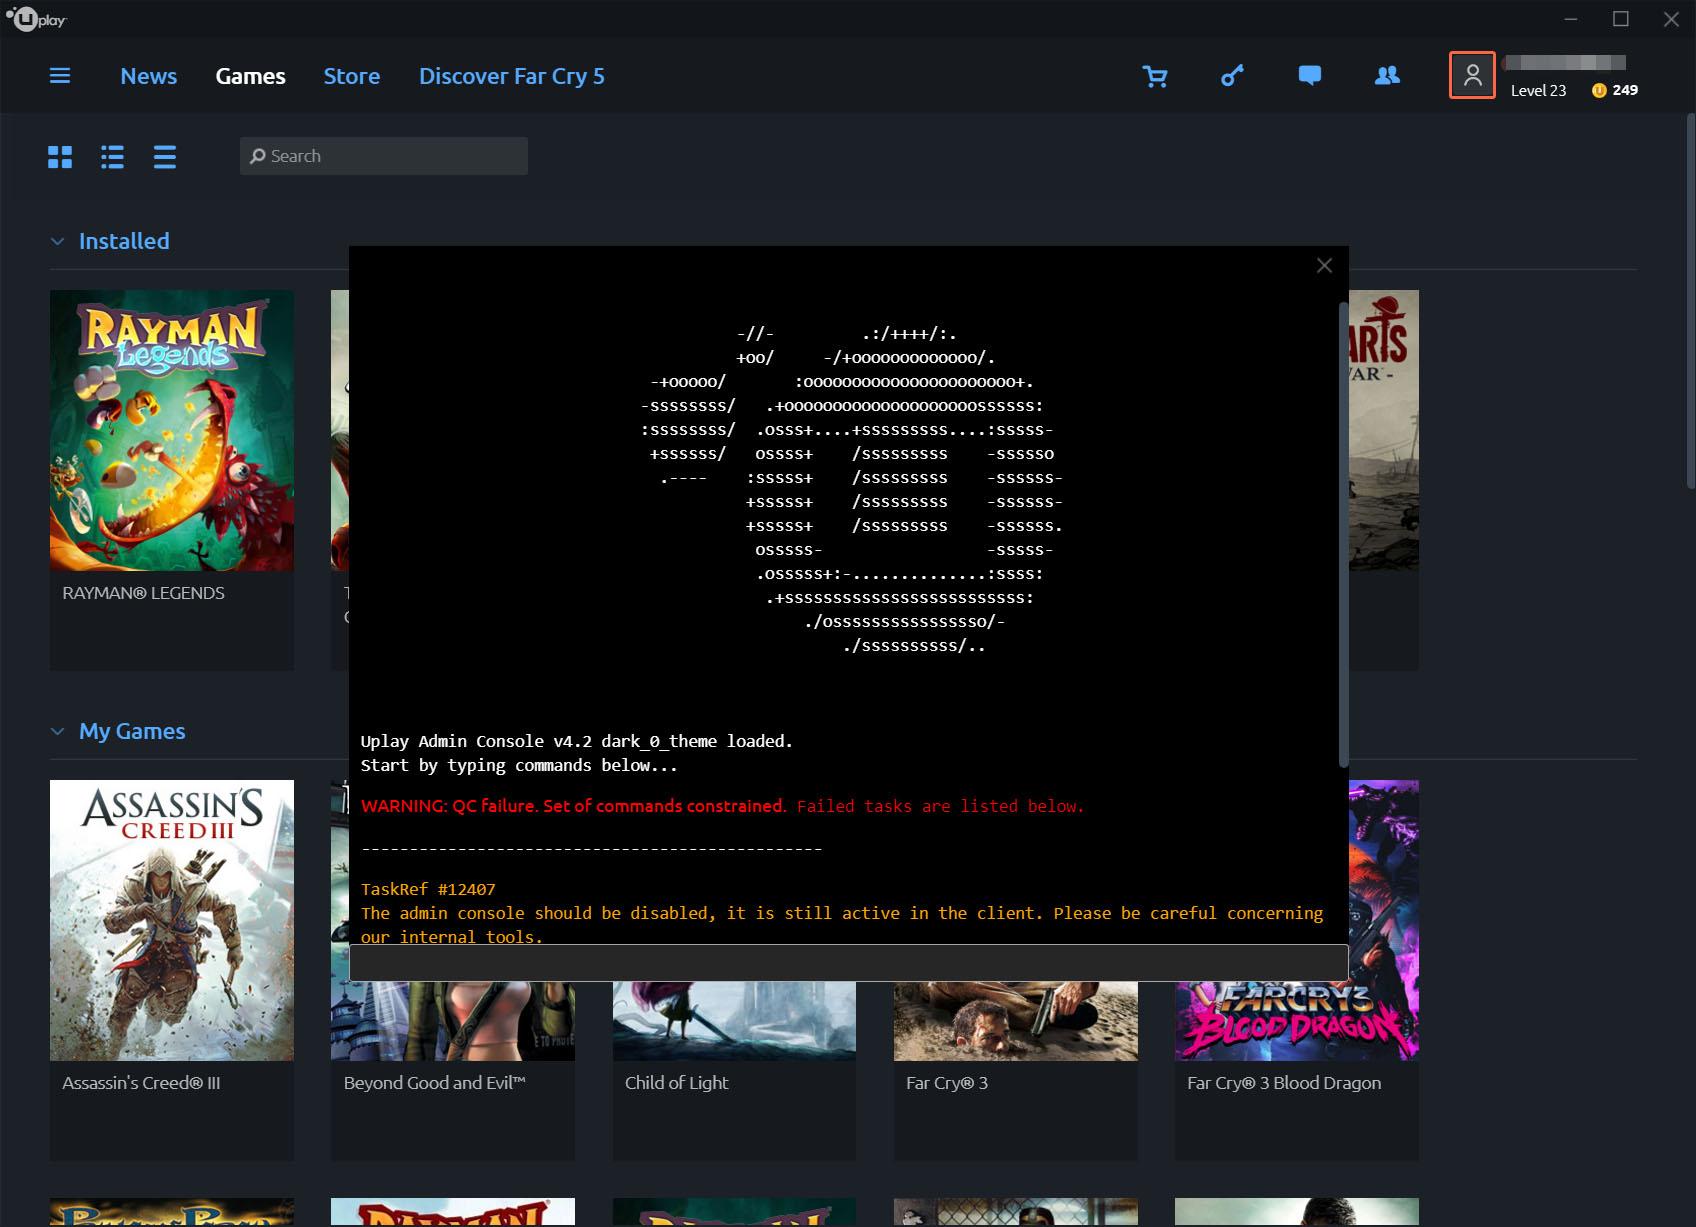 Přehled aprílových vtípků z herního světa April Fools Day 2018 UPlay